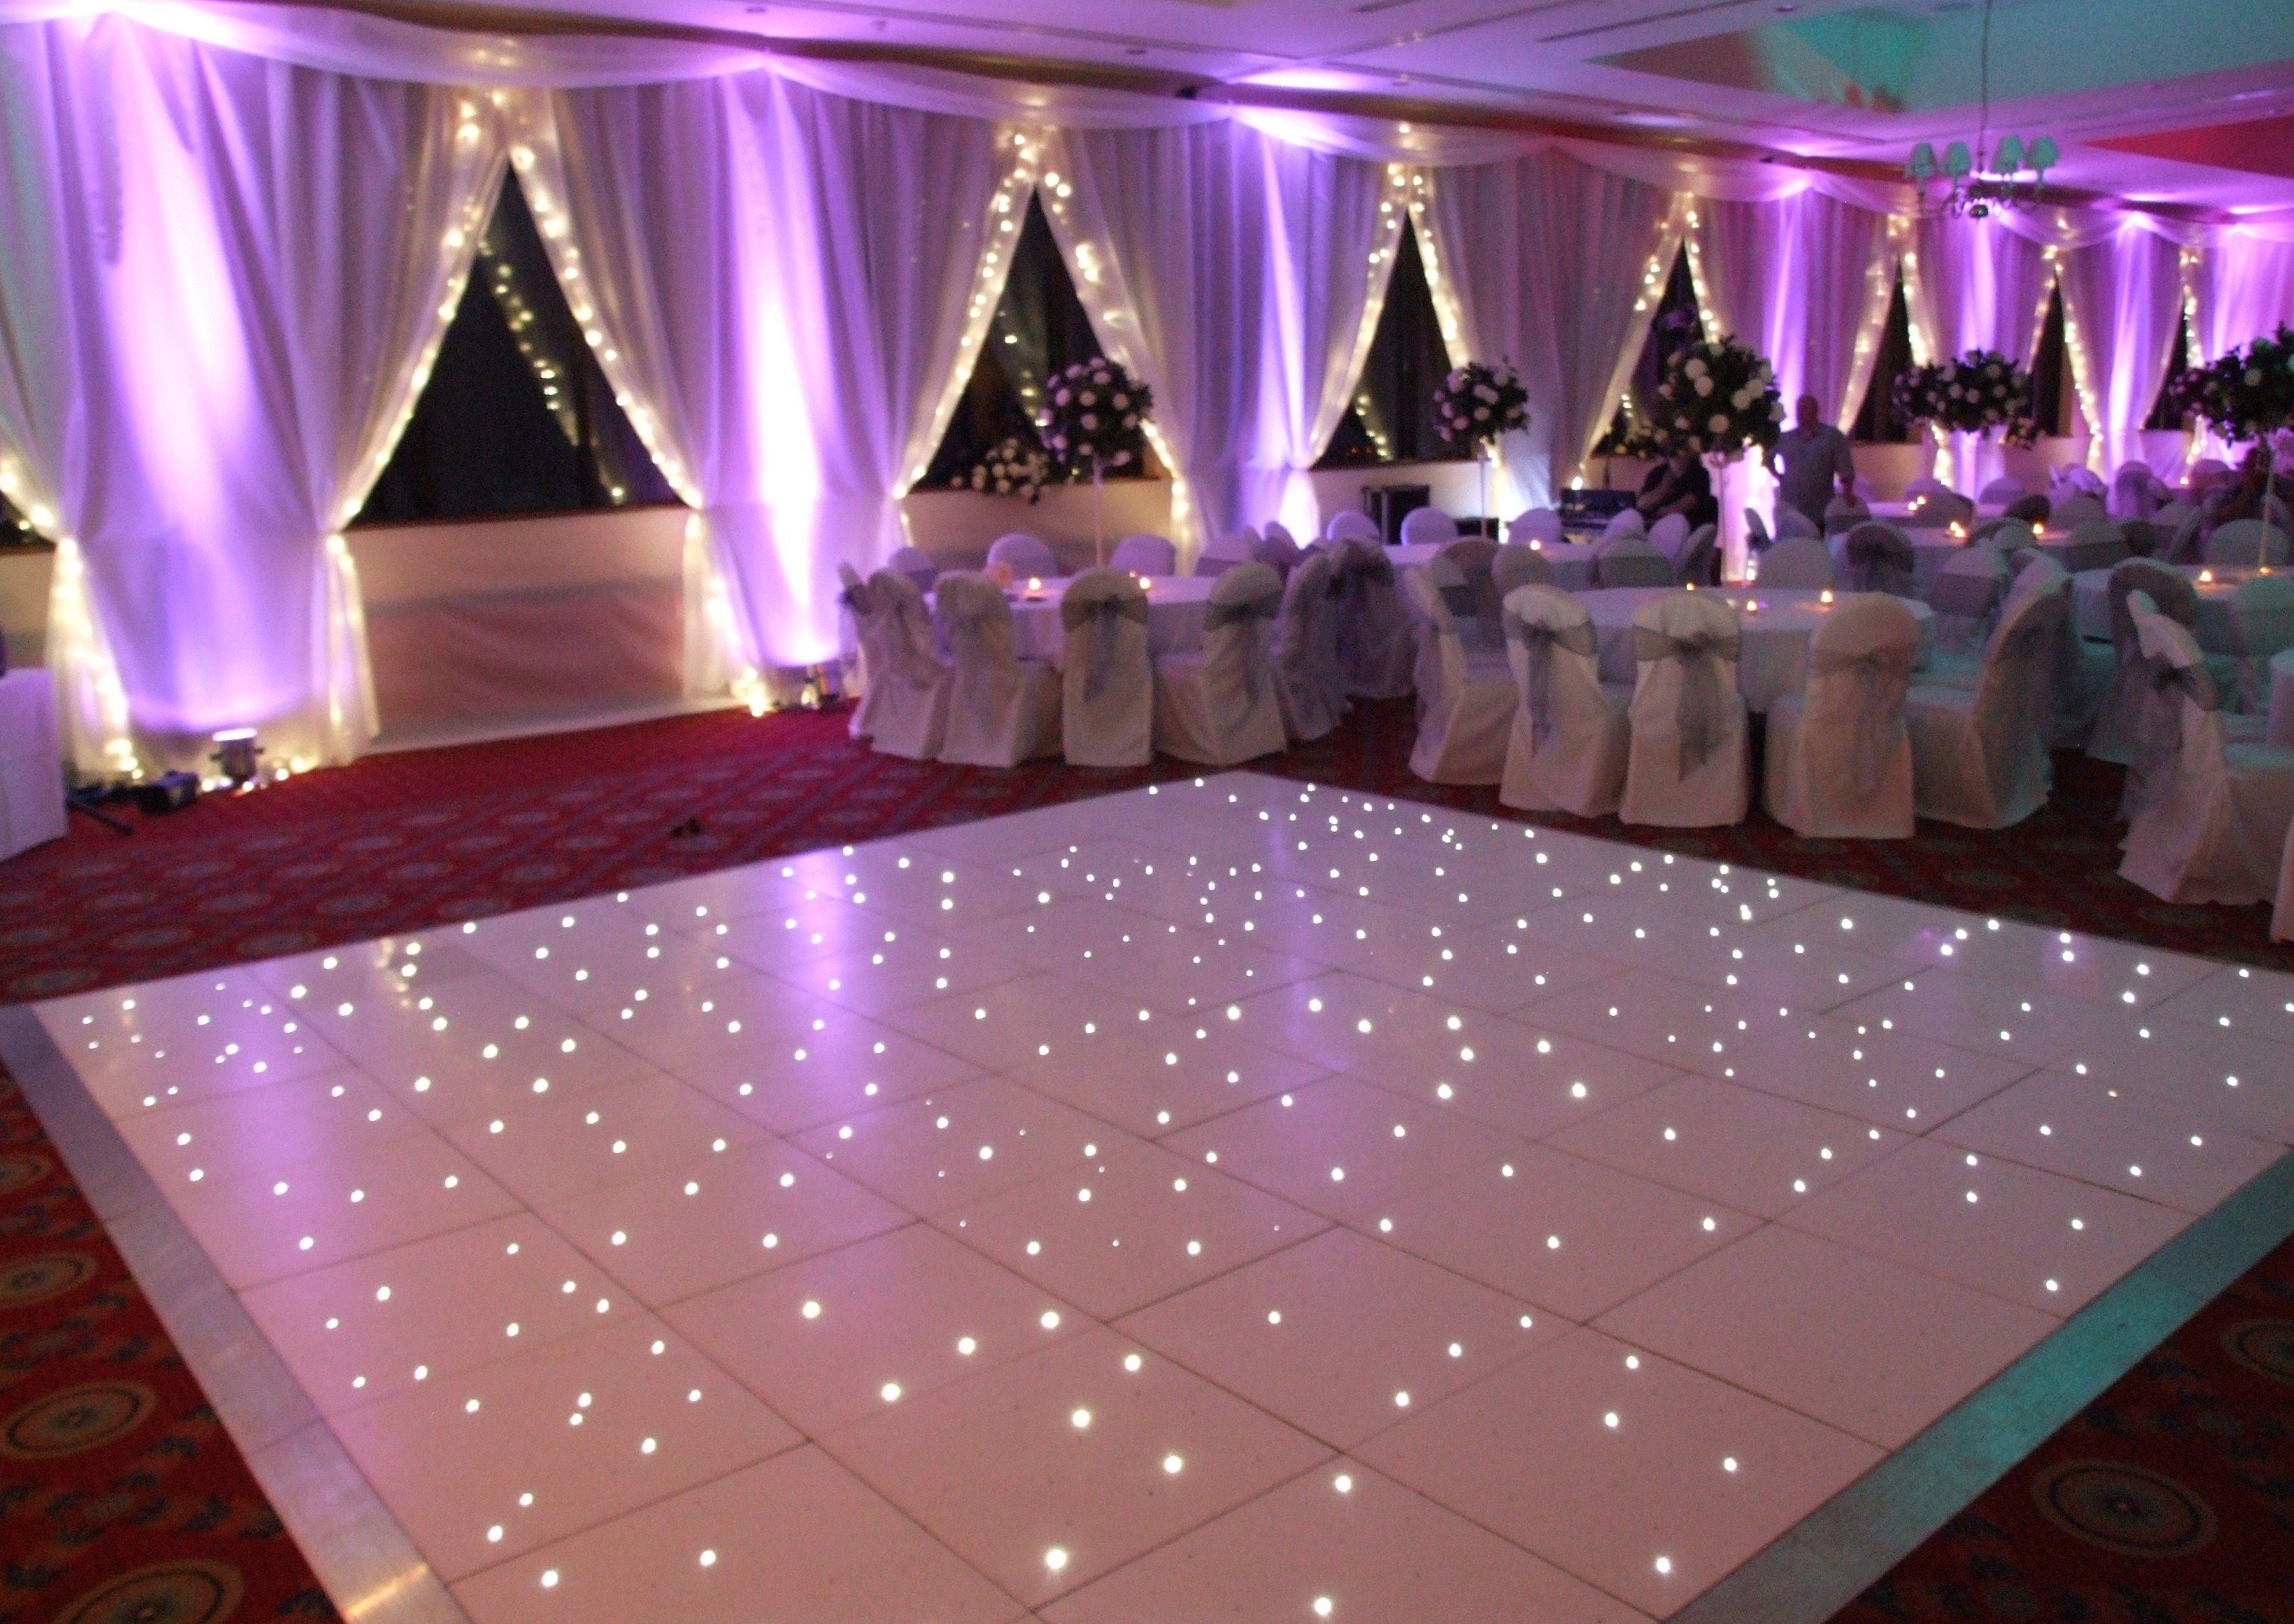 Lighting Led Dance Floor Lighting Floor Event Decor